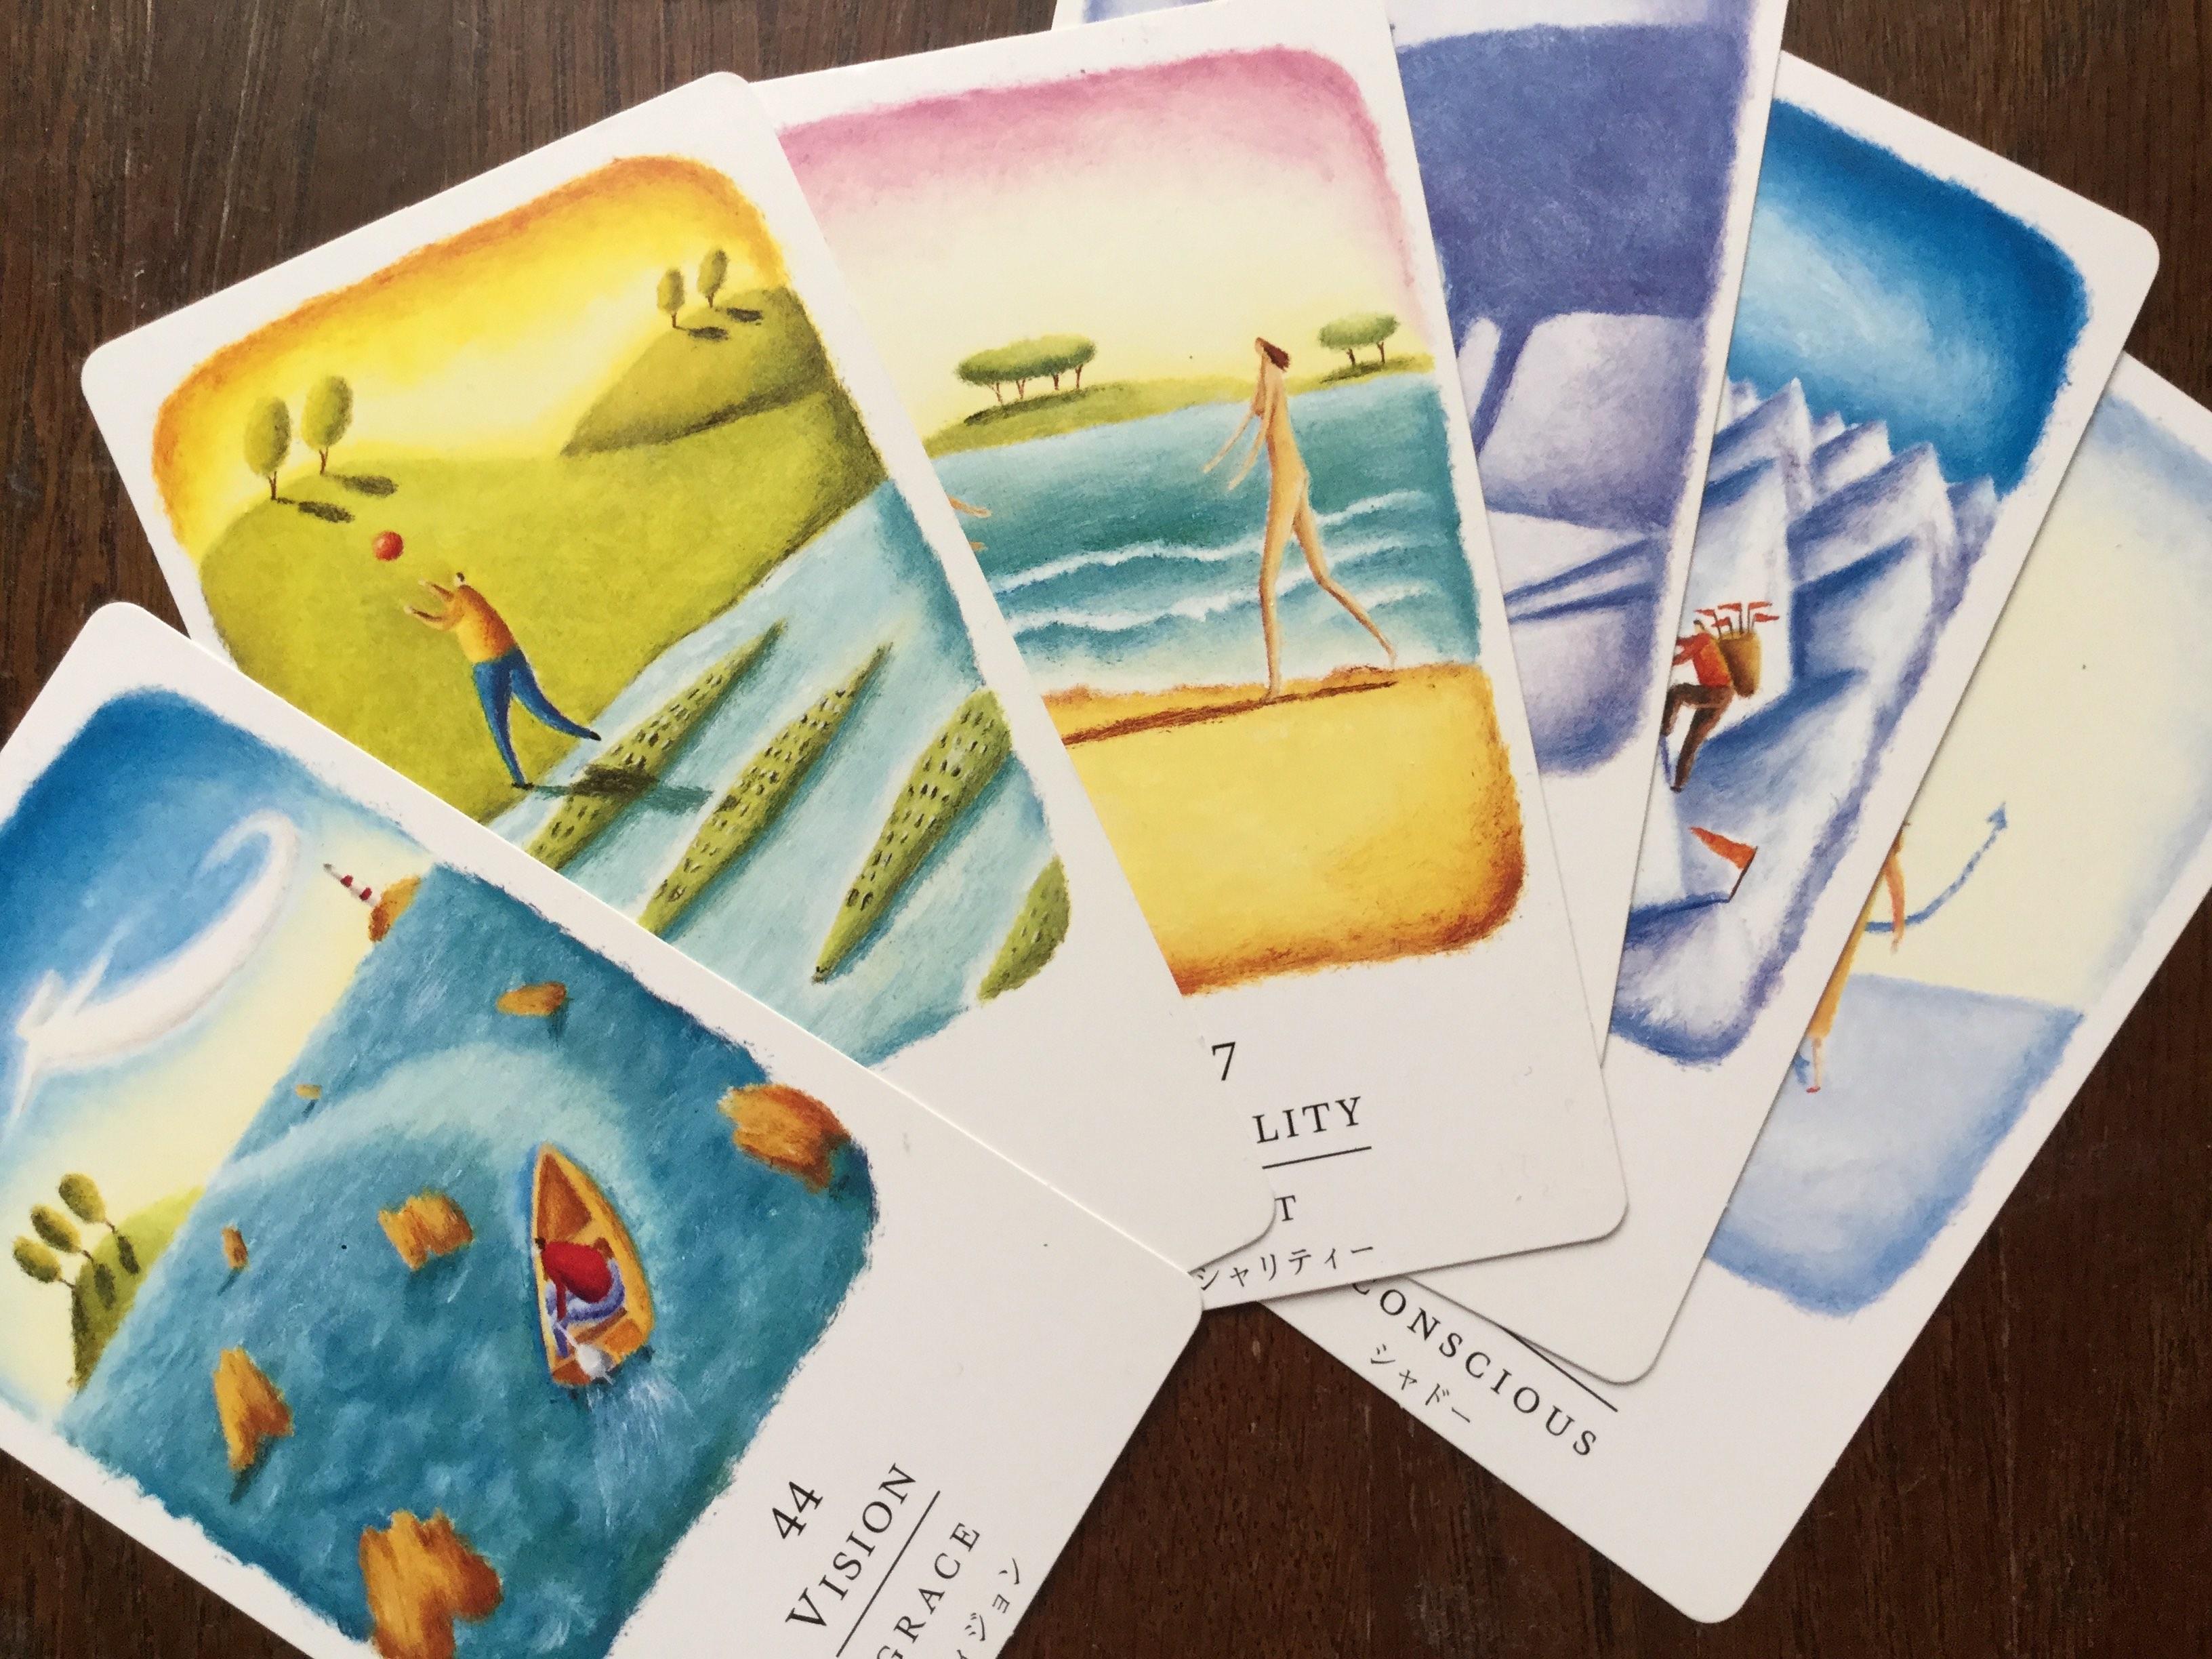 プロコーチ森田がオススメ!困った時の解決に役に立つ「セルフ・セラピー・カード」2017年6月のリーディング